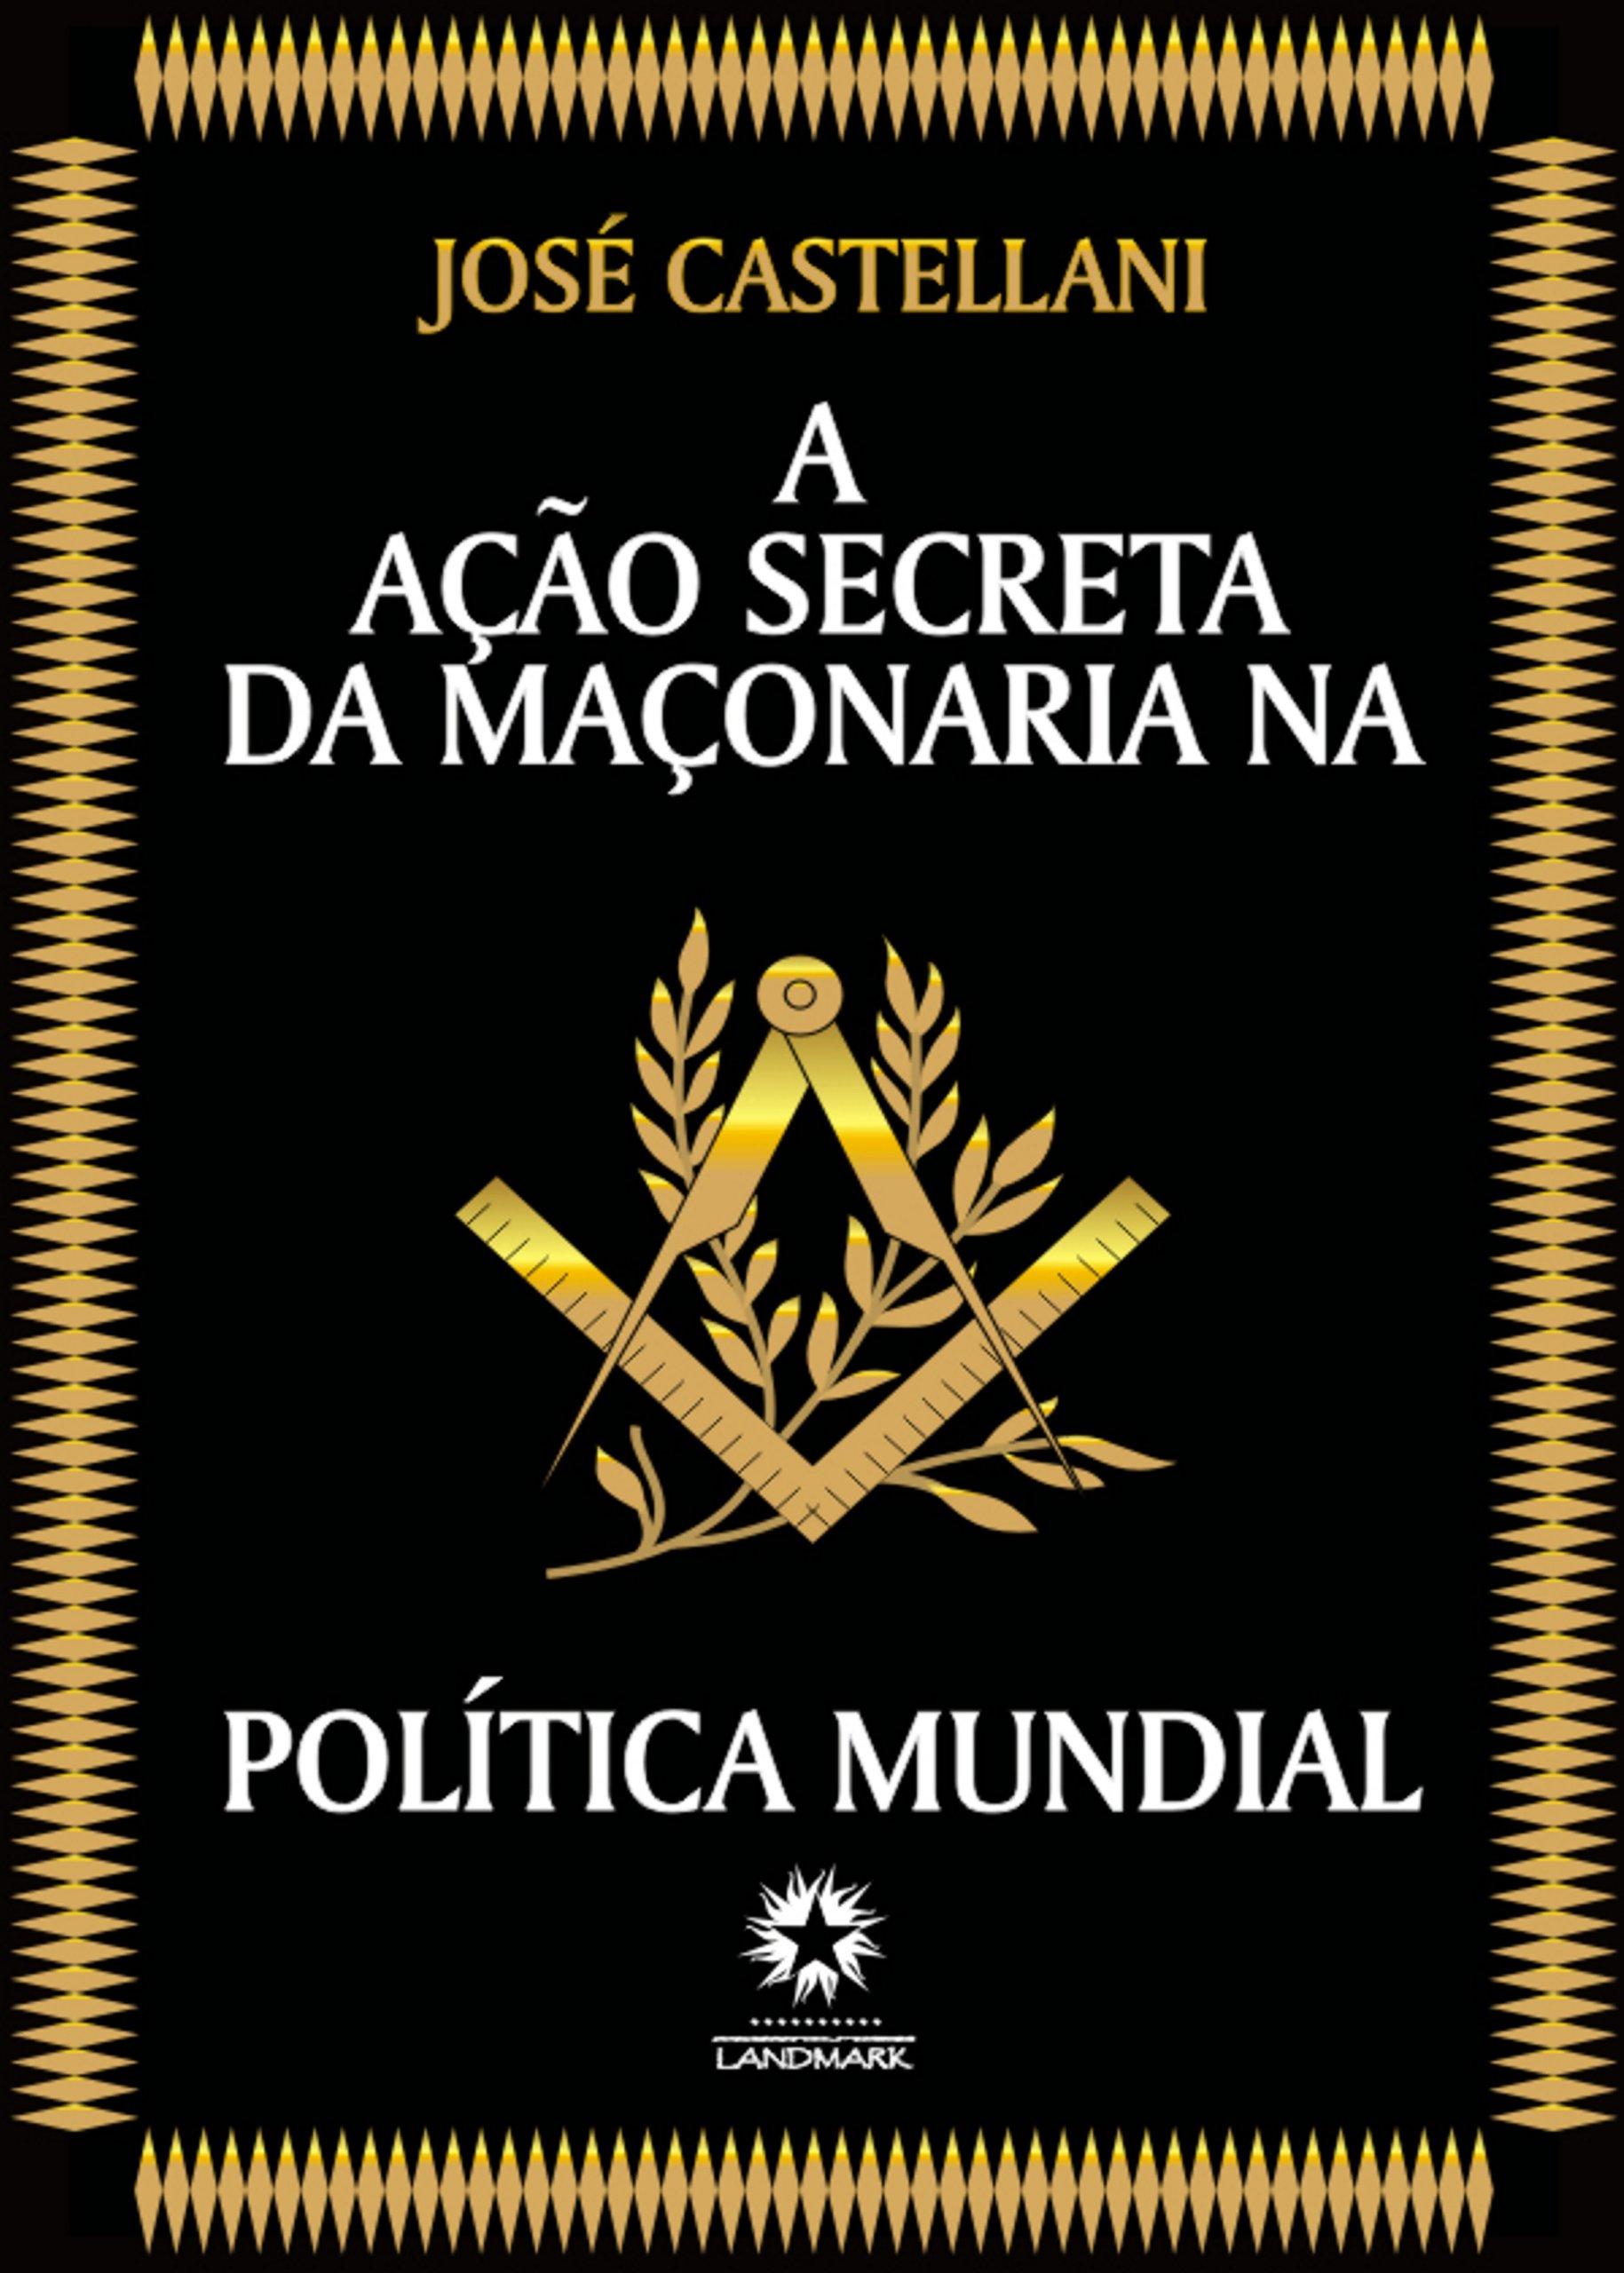 Acao Secreta da Maconaria na Politica Mundial, A